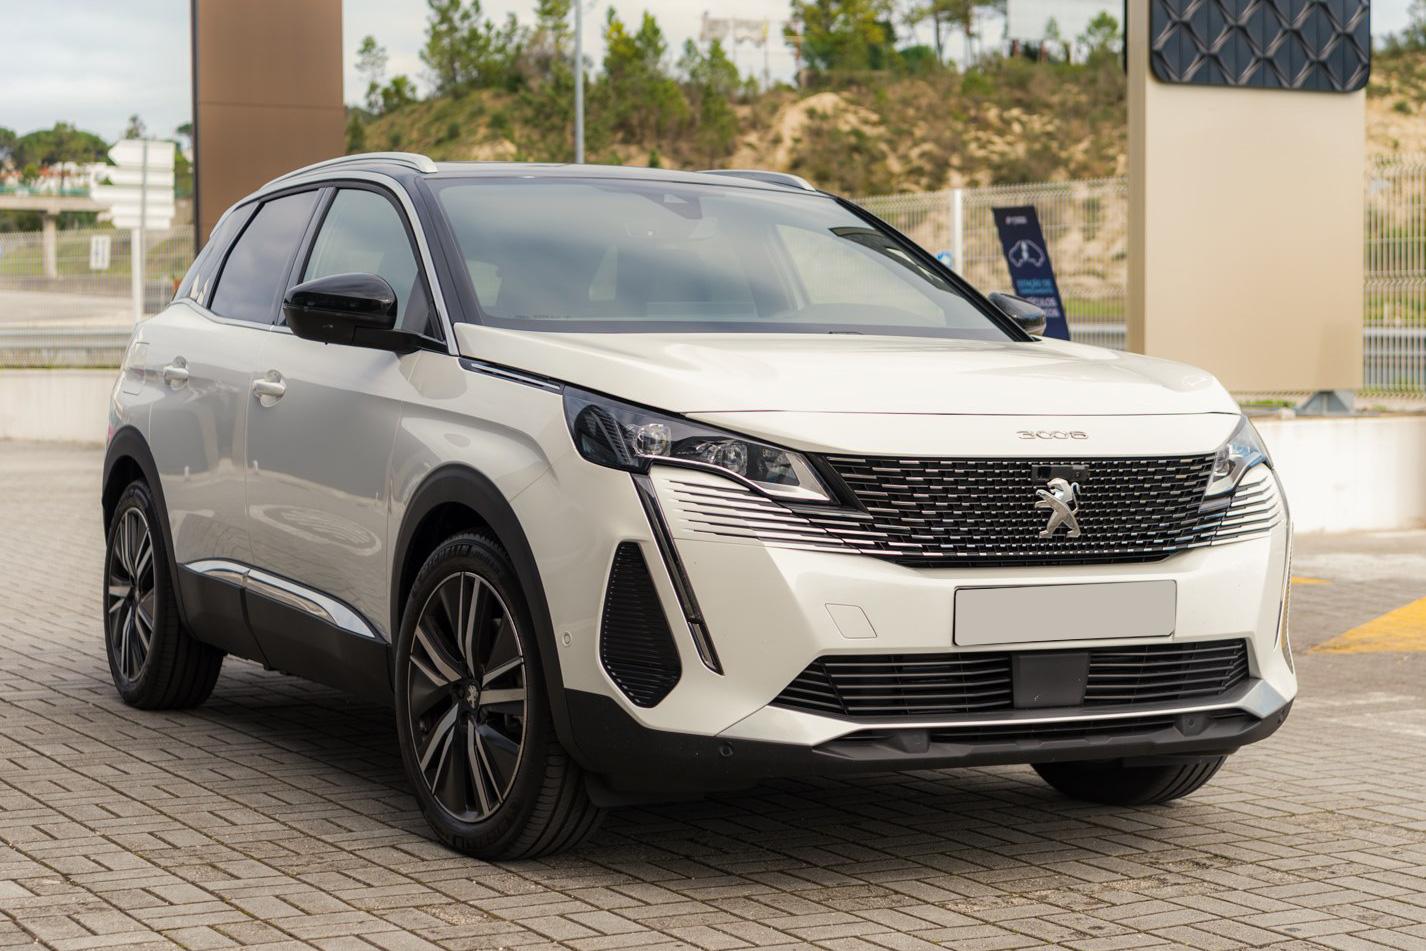 THACO xuất xưởng Peugeot 3008 2021 tại Việt Nam: Đại lý ồ ạt nhận cọc, sớm ra mắt đấu Mazda CX-5 và Hyundai Tucson